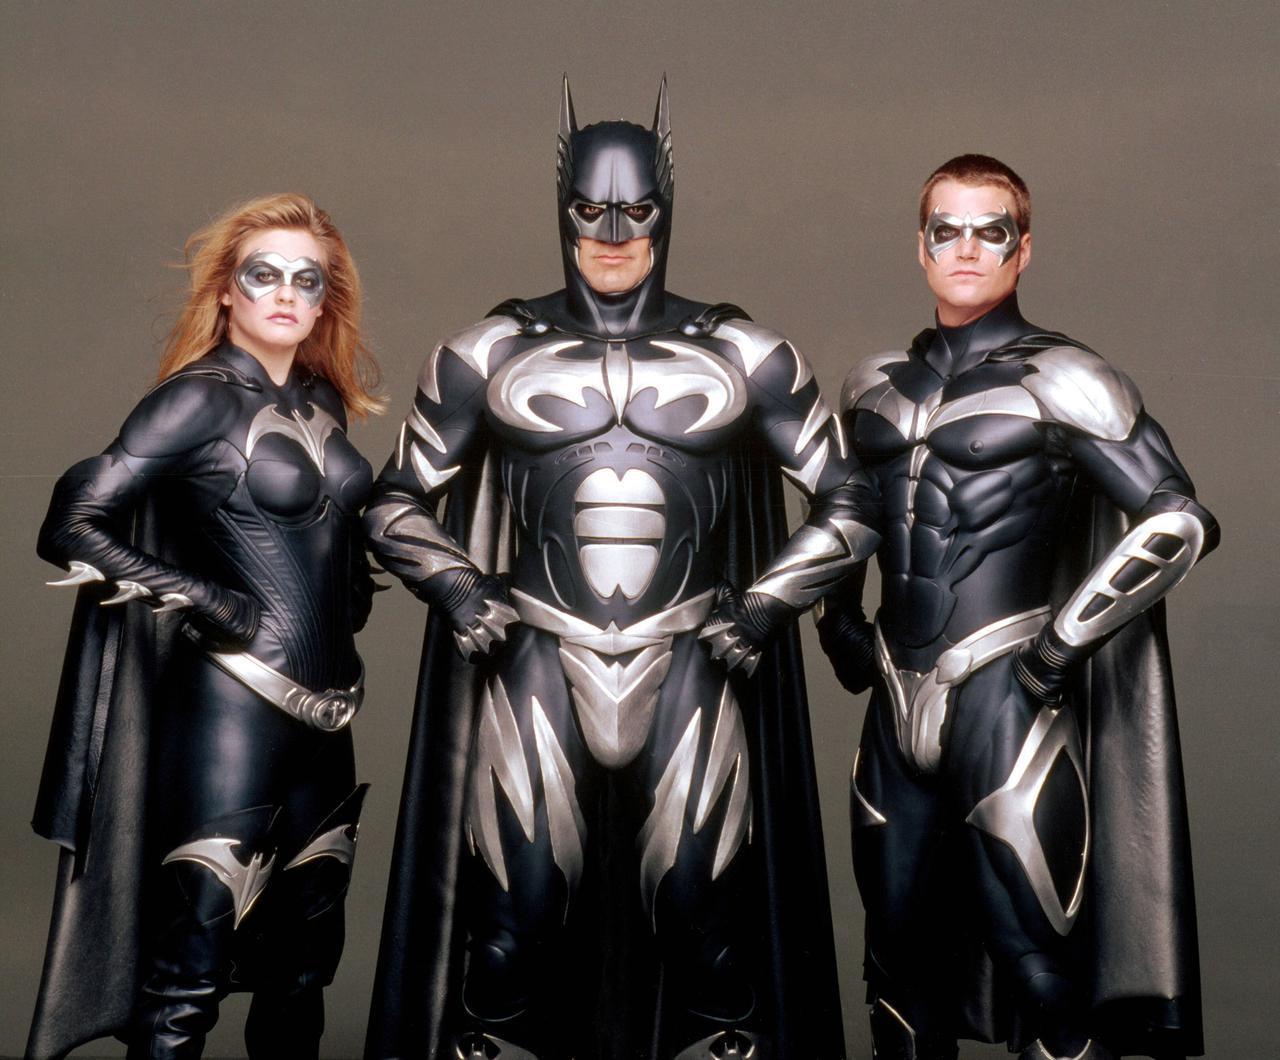 画像: ある意味、ファンの記憶に残るバットマン作品